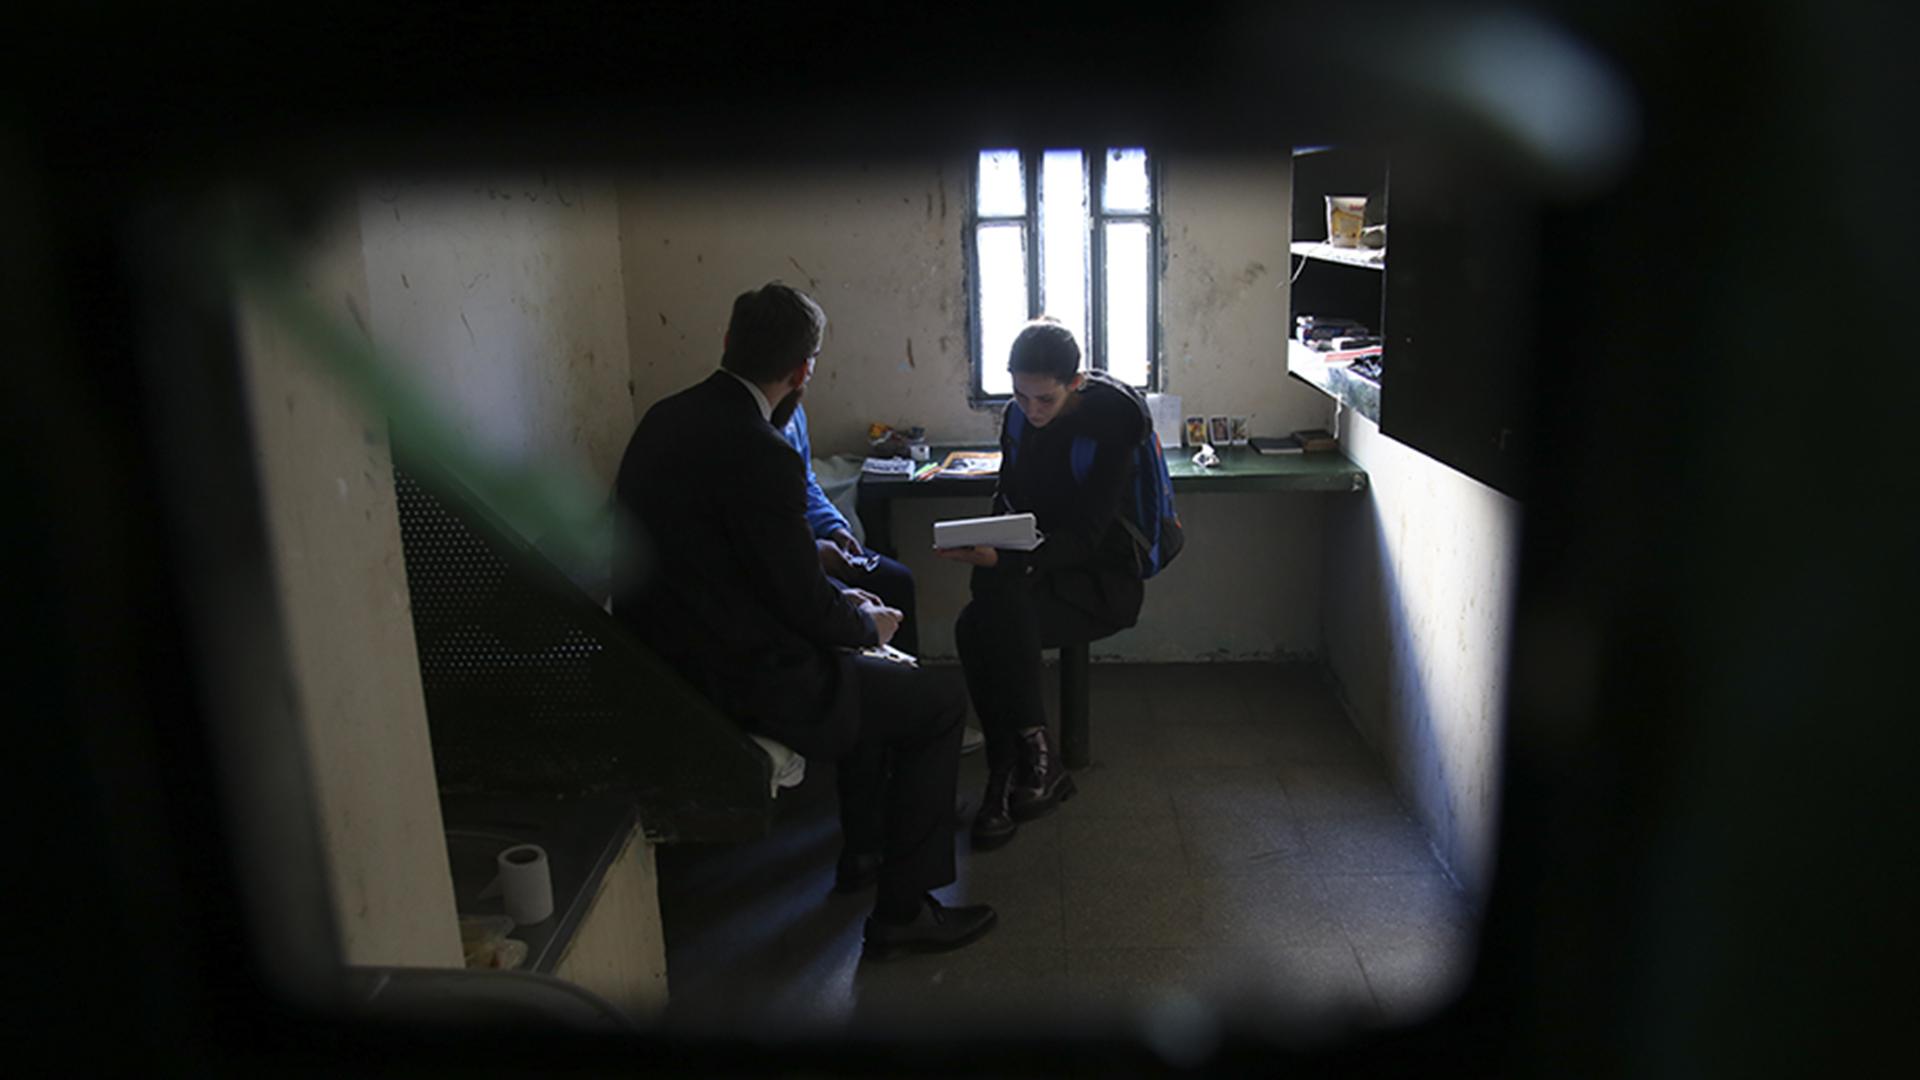 Miembros de la Procuvin entrevistan a un detenido enfermo.